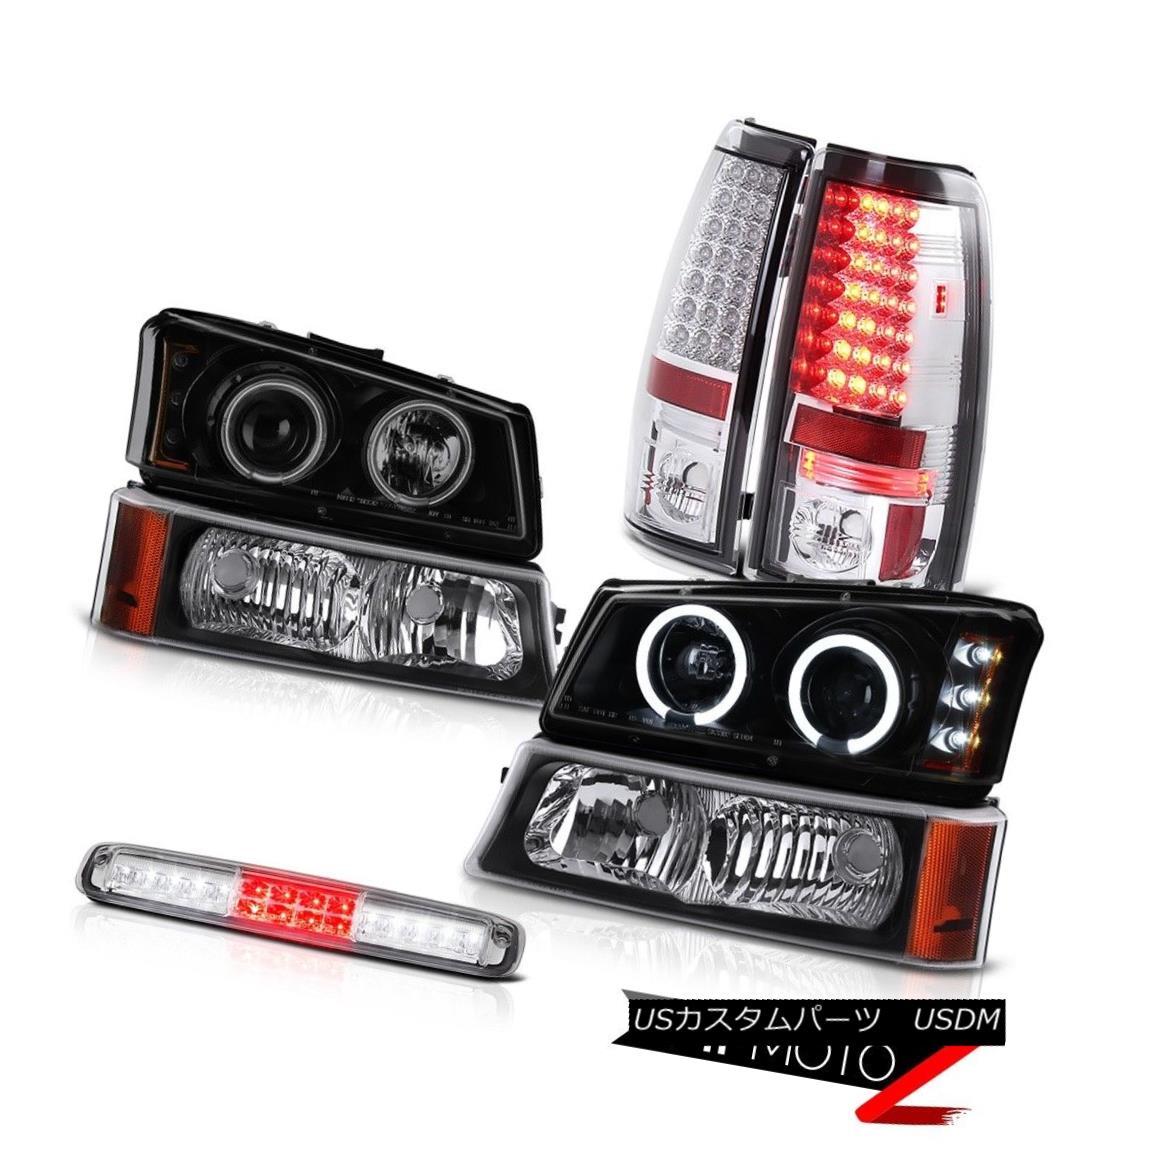 テールライト 03 04 05 06 Chevy Silverado 2500Hd Parking Light 3RD Brake Lamp Headlamps Lights 03 04 05 06 Chevy Silverado 2500Hdパーキングライト3RDブレーキランプヘッドランプ